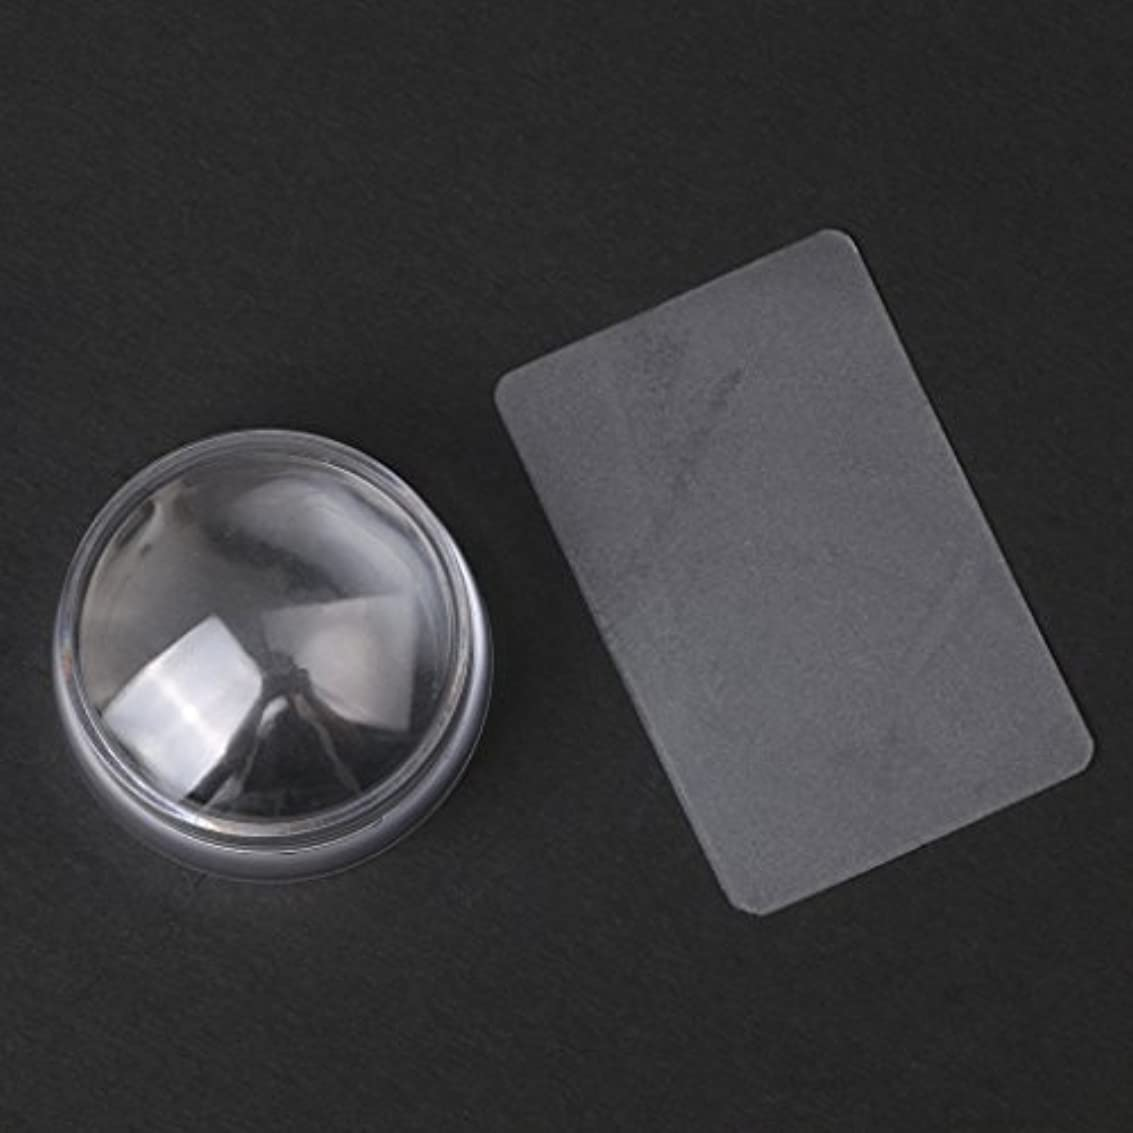 CUTICATE 2个ネイルアートスタンプスタンパ掻きスクレーパーツールは透明に設定します